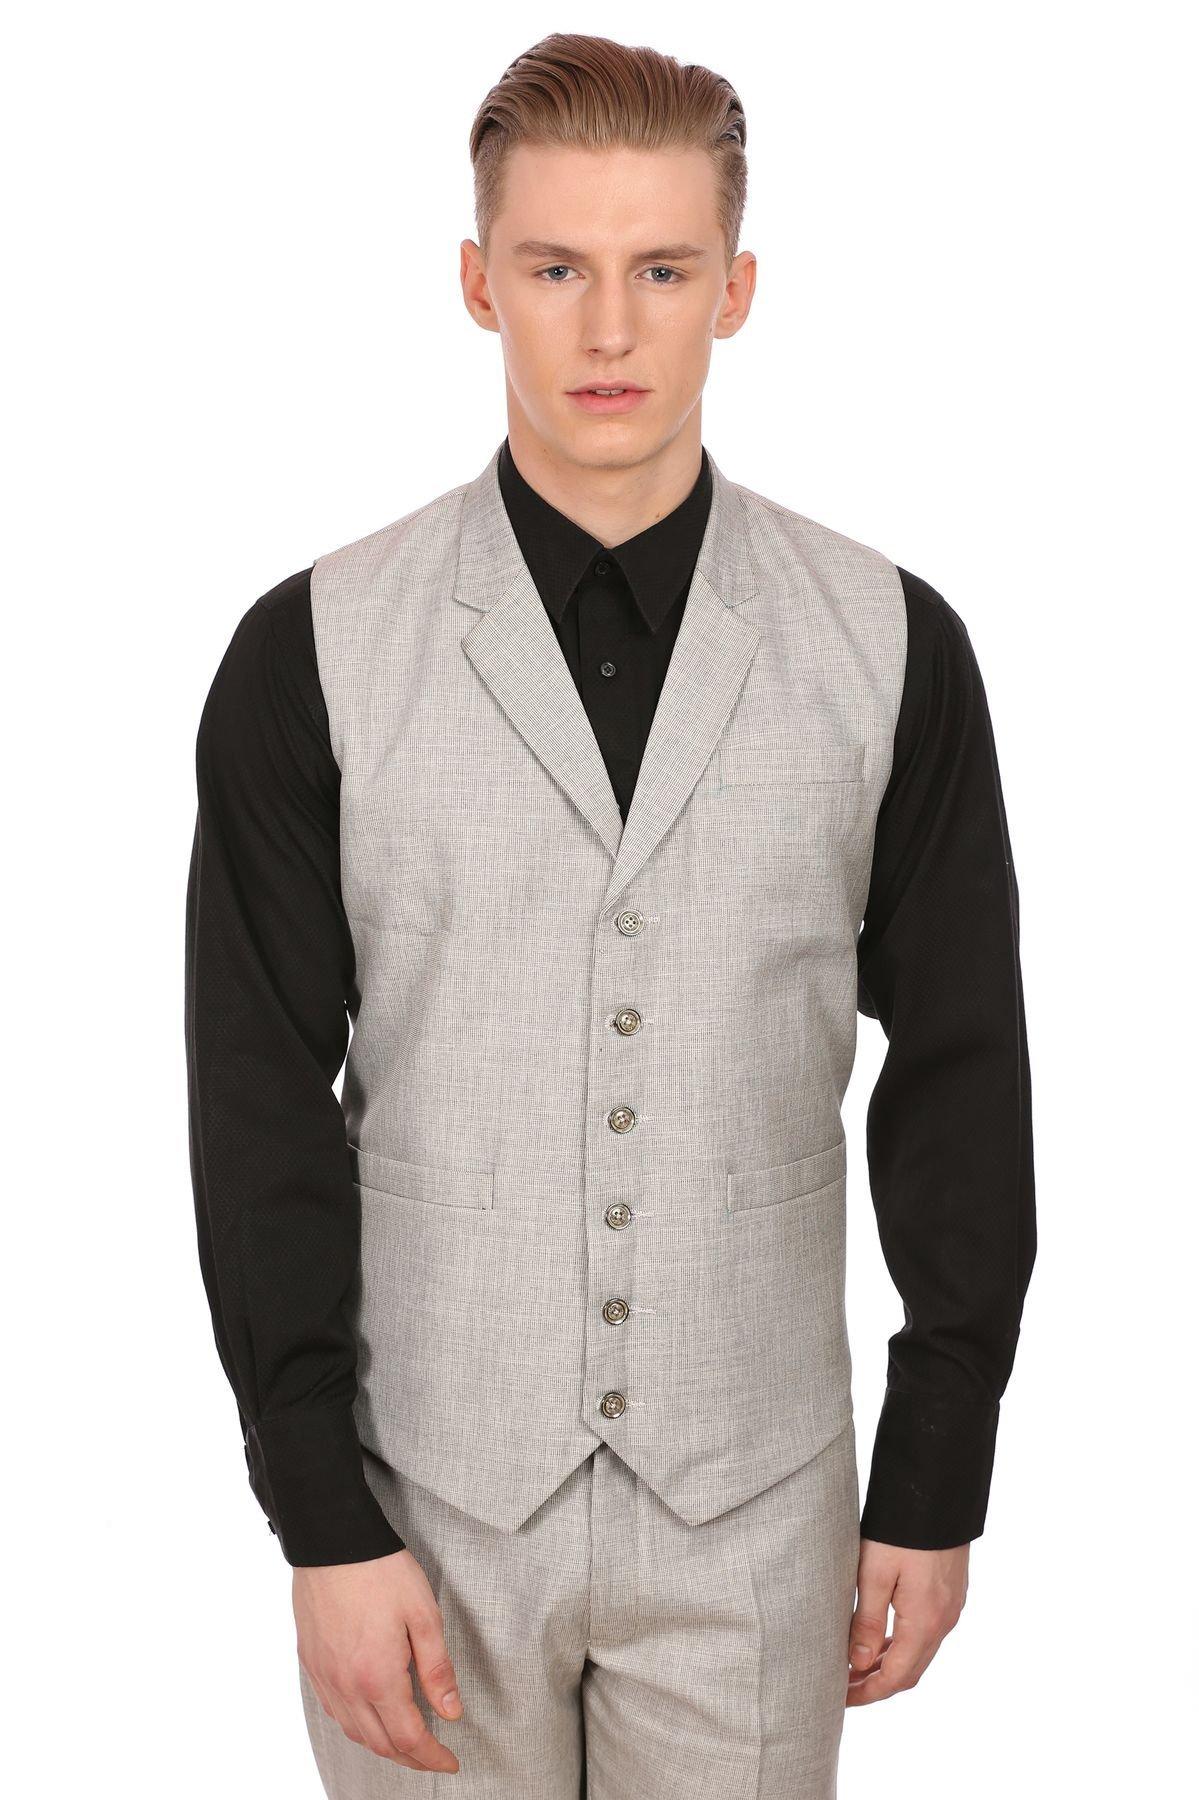 WINTAGE Men's Linen Blend Notch Lapel Grey Vest,40/ M